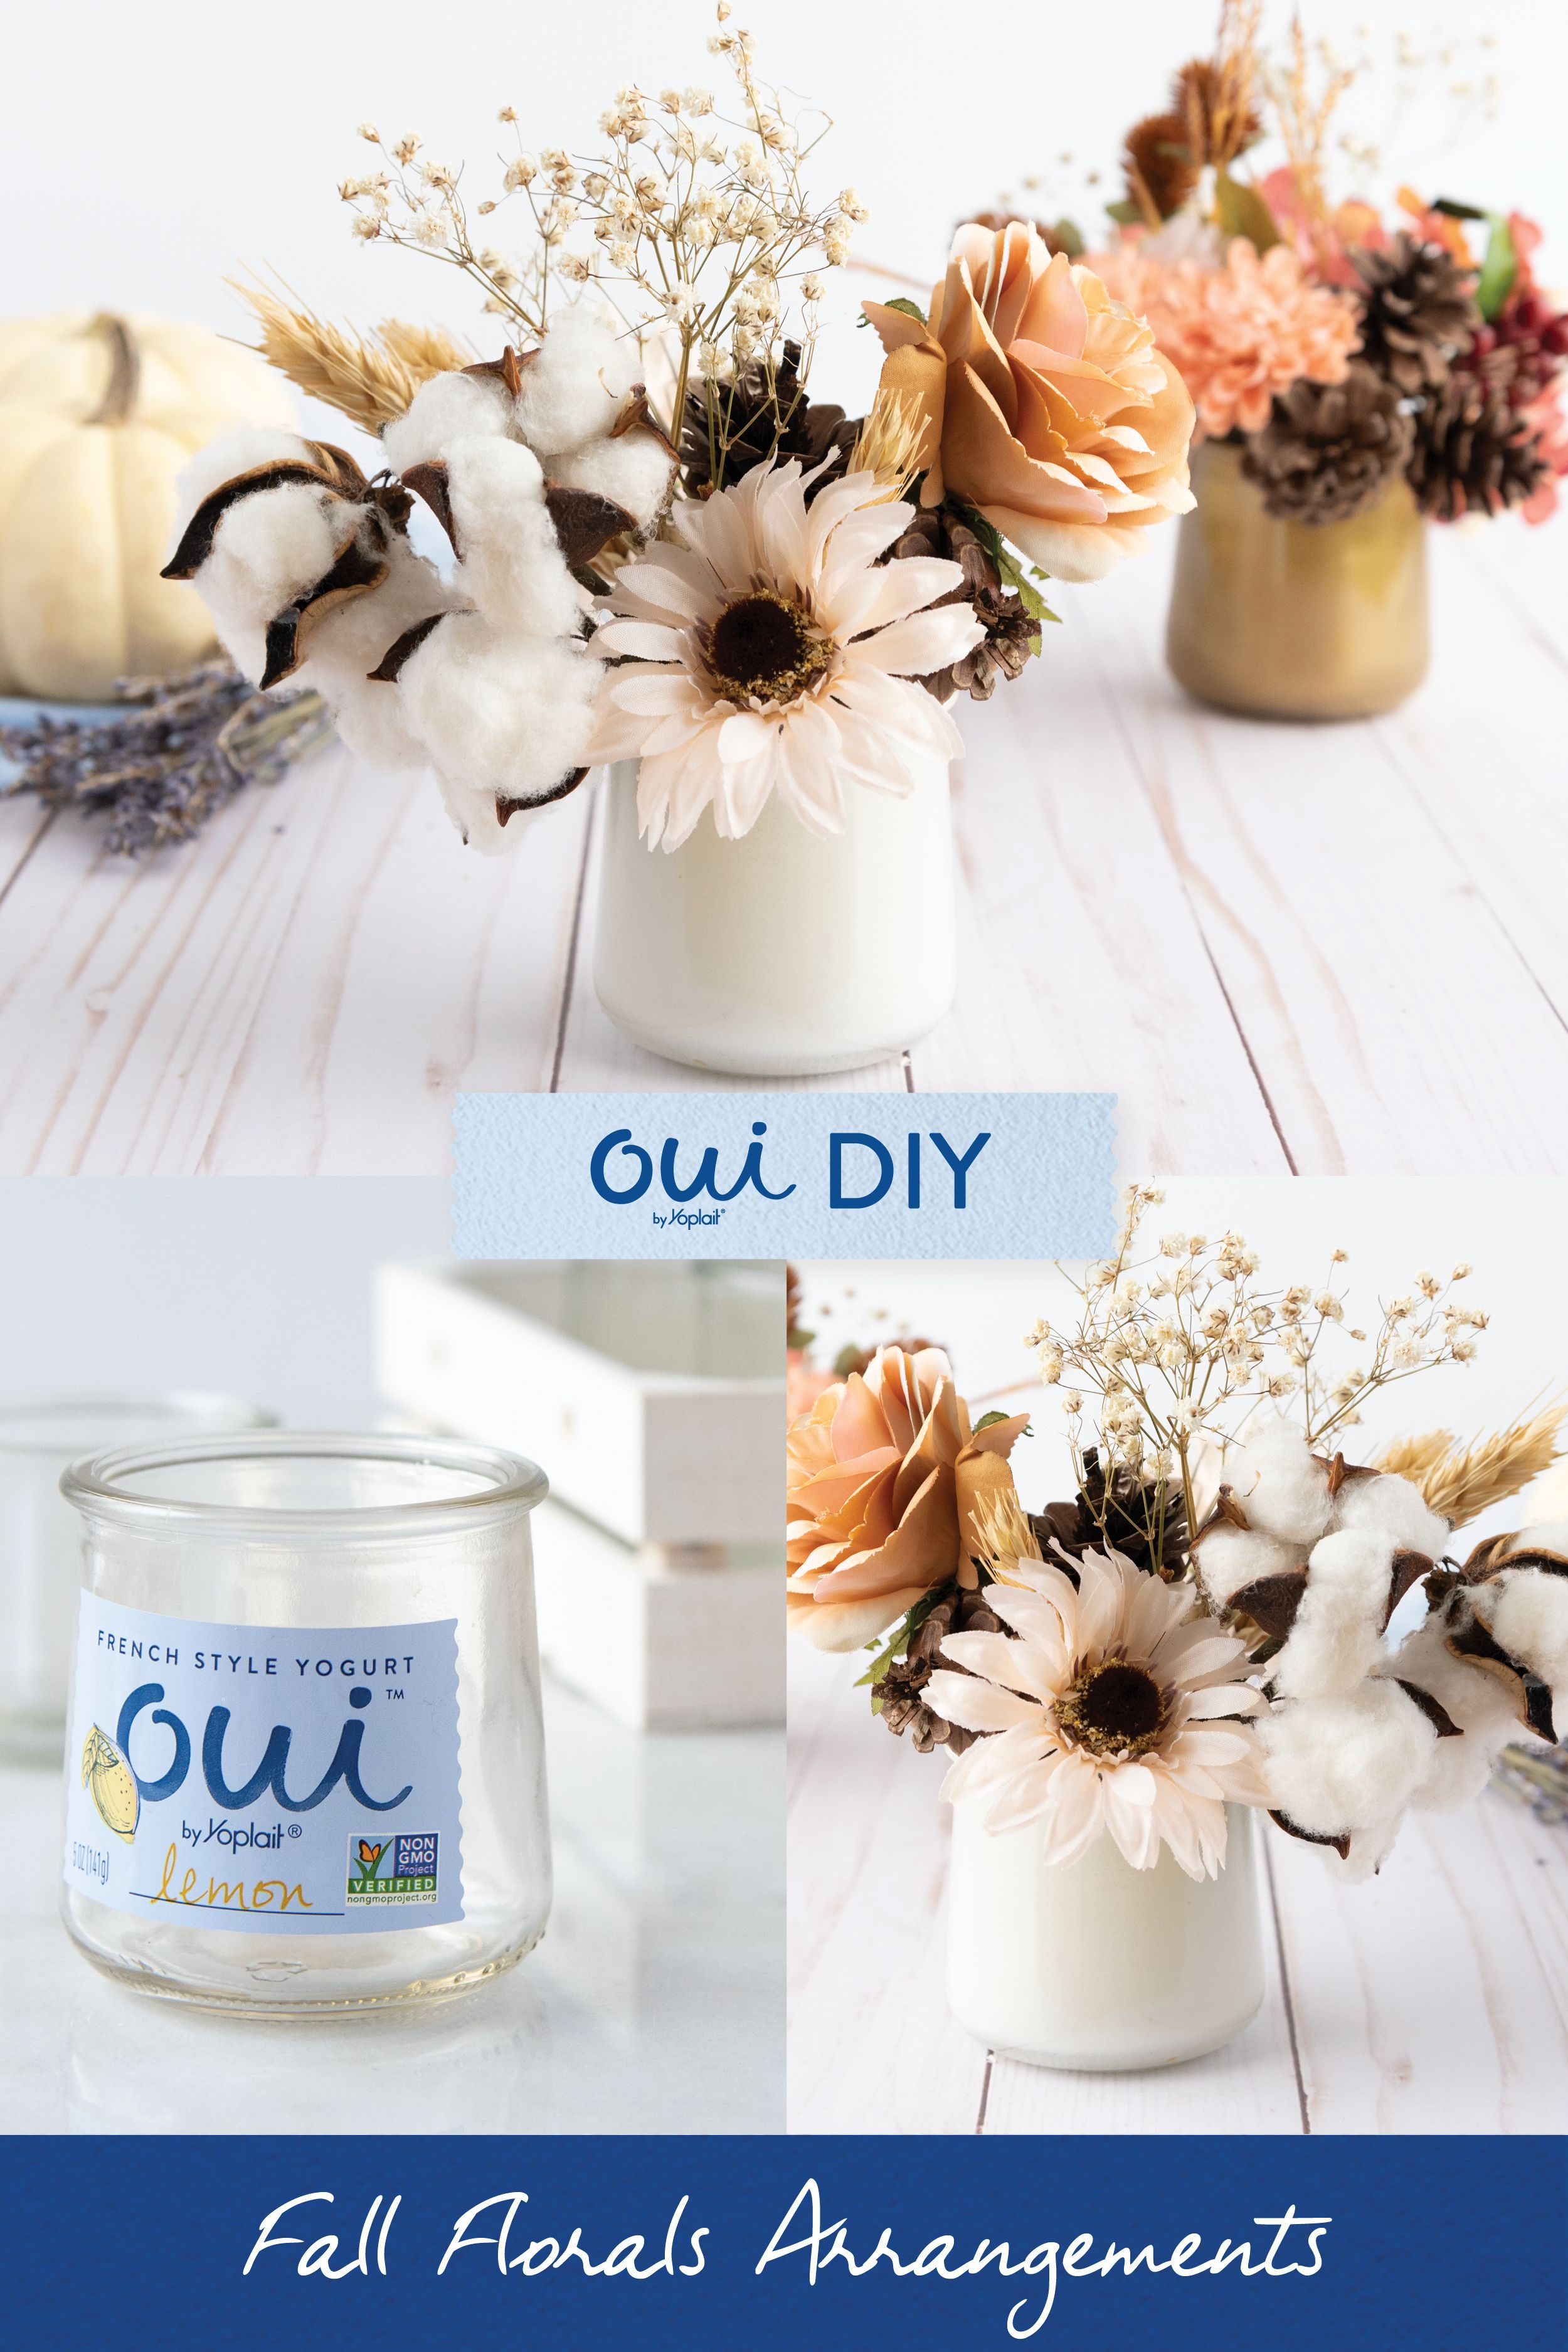 Diy Reuse Oui Glass Pots Flowers Diy Crafts For Home Decor Jar Crafts Crafts